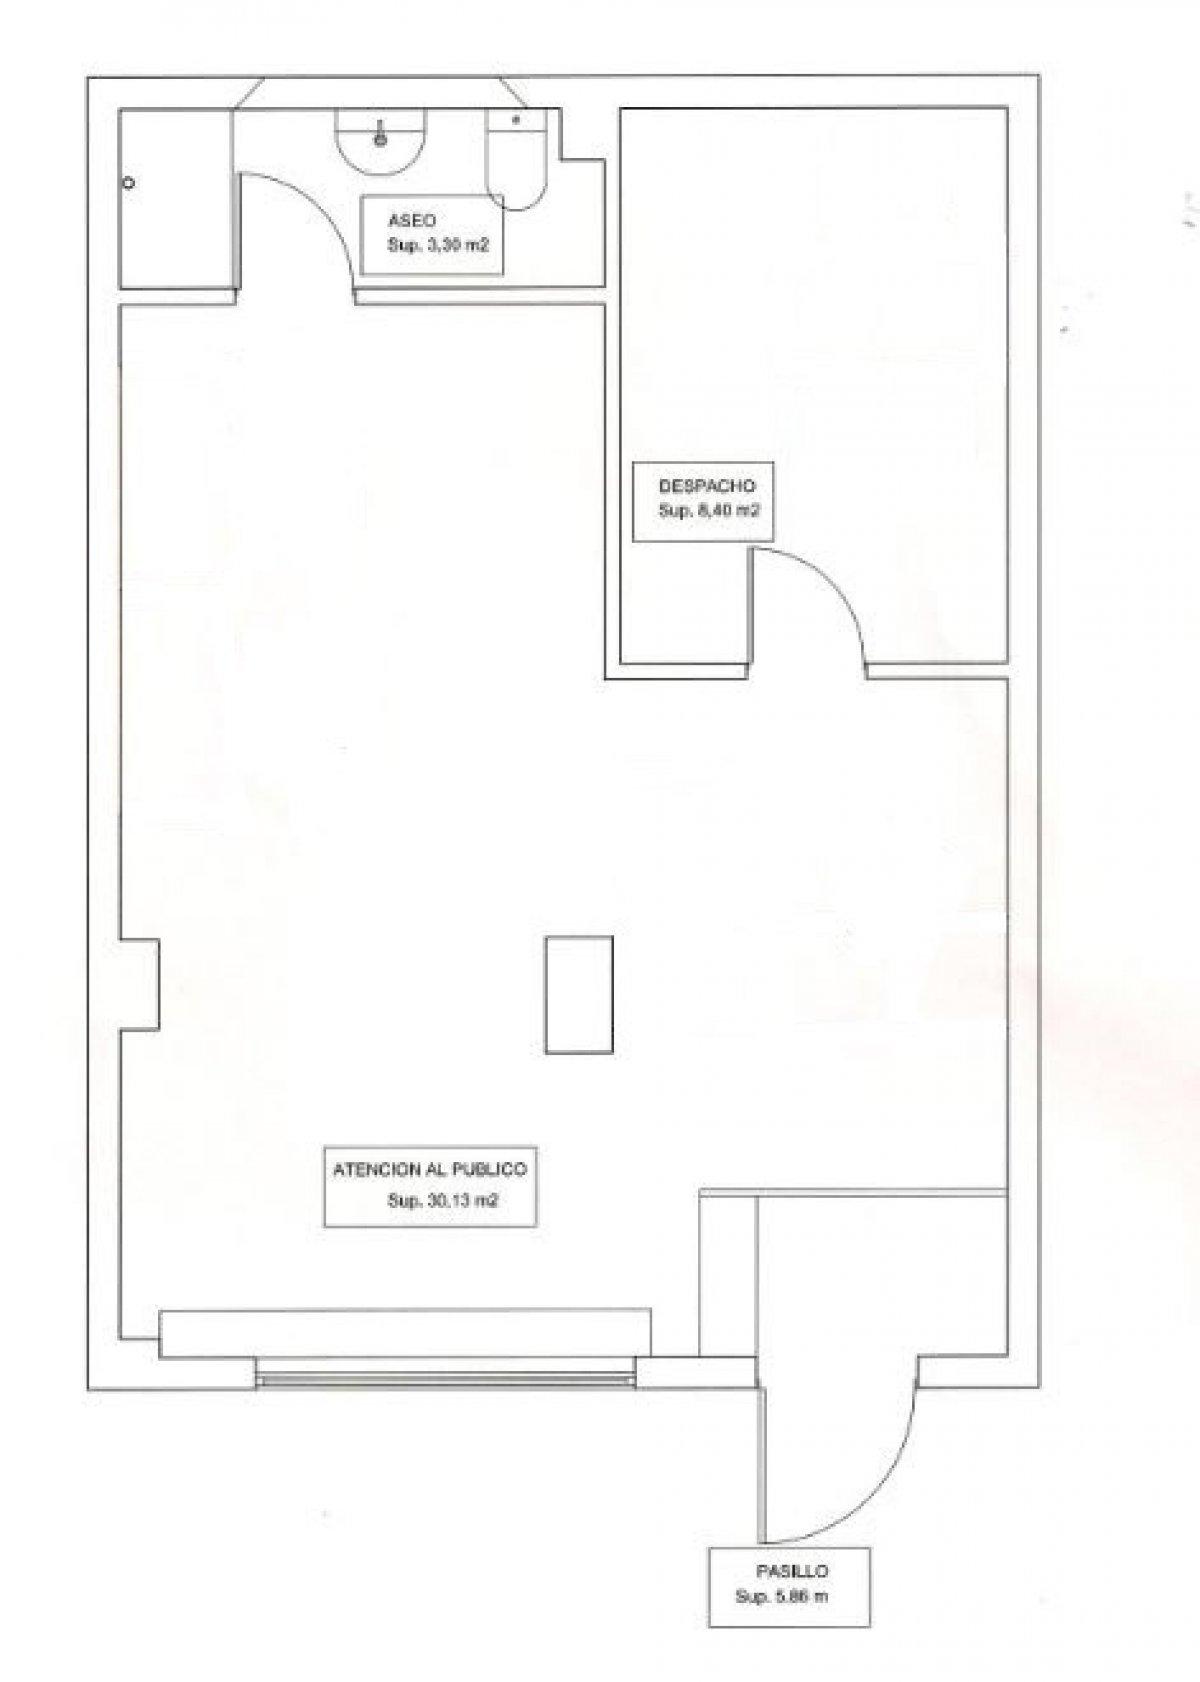 Local comercial en alquiler en Santander  de 50 m2 por 390€/mes.